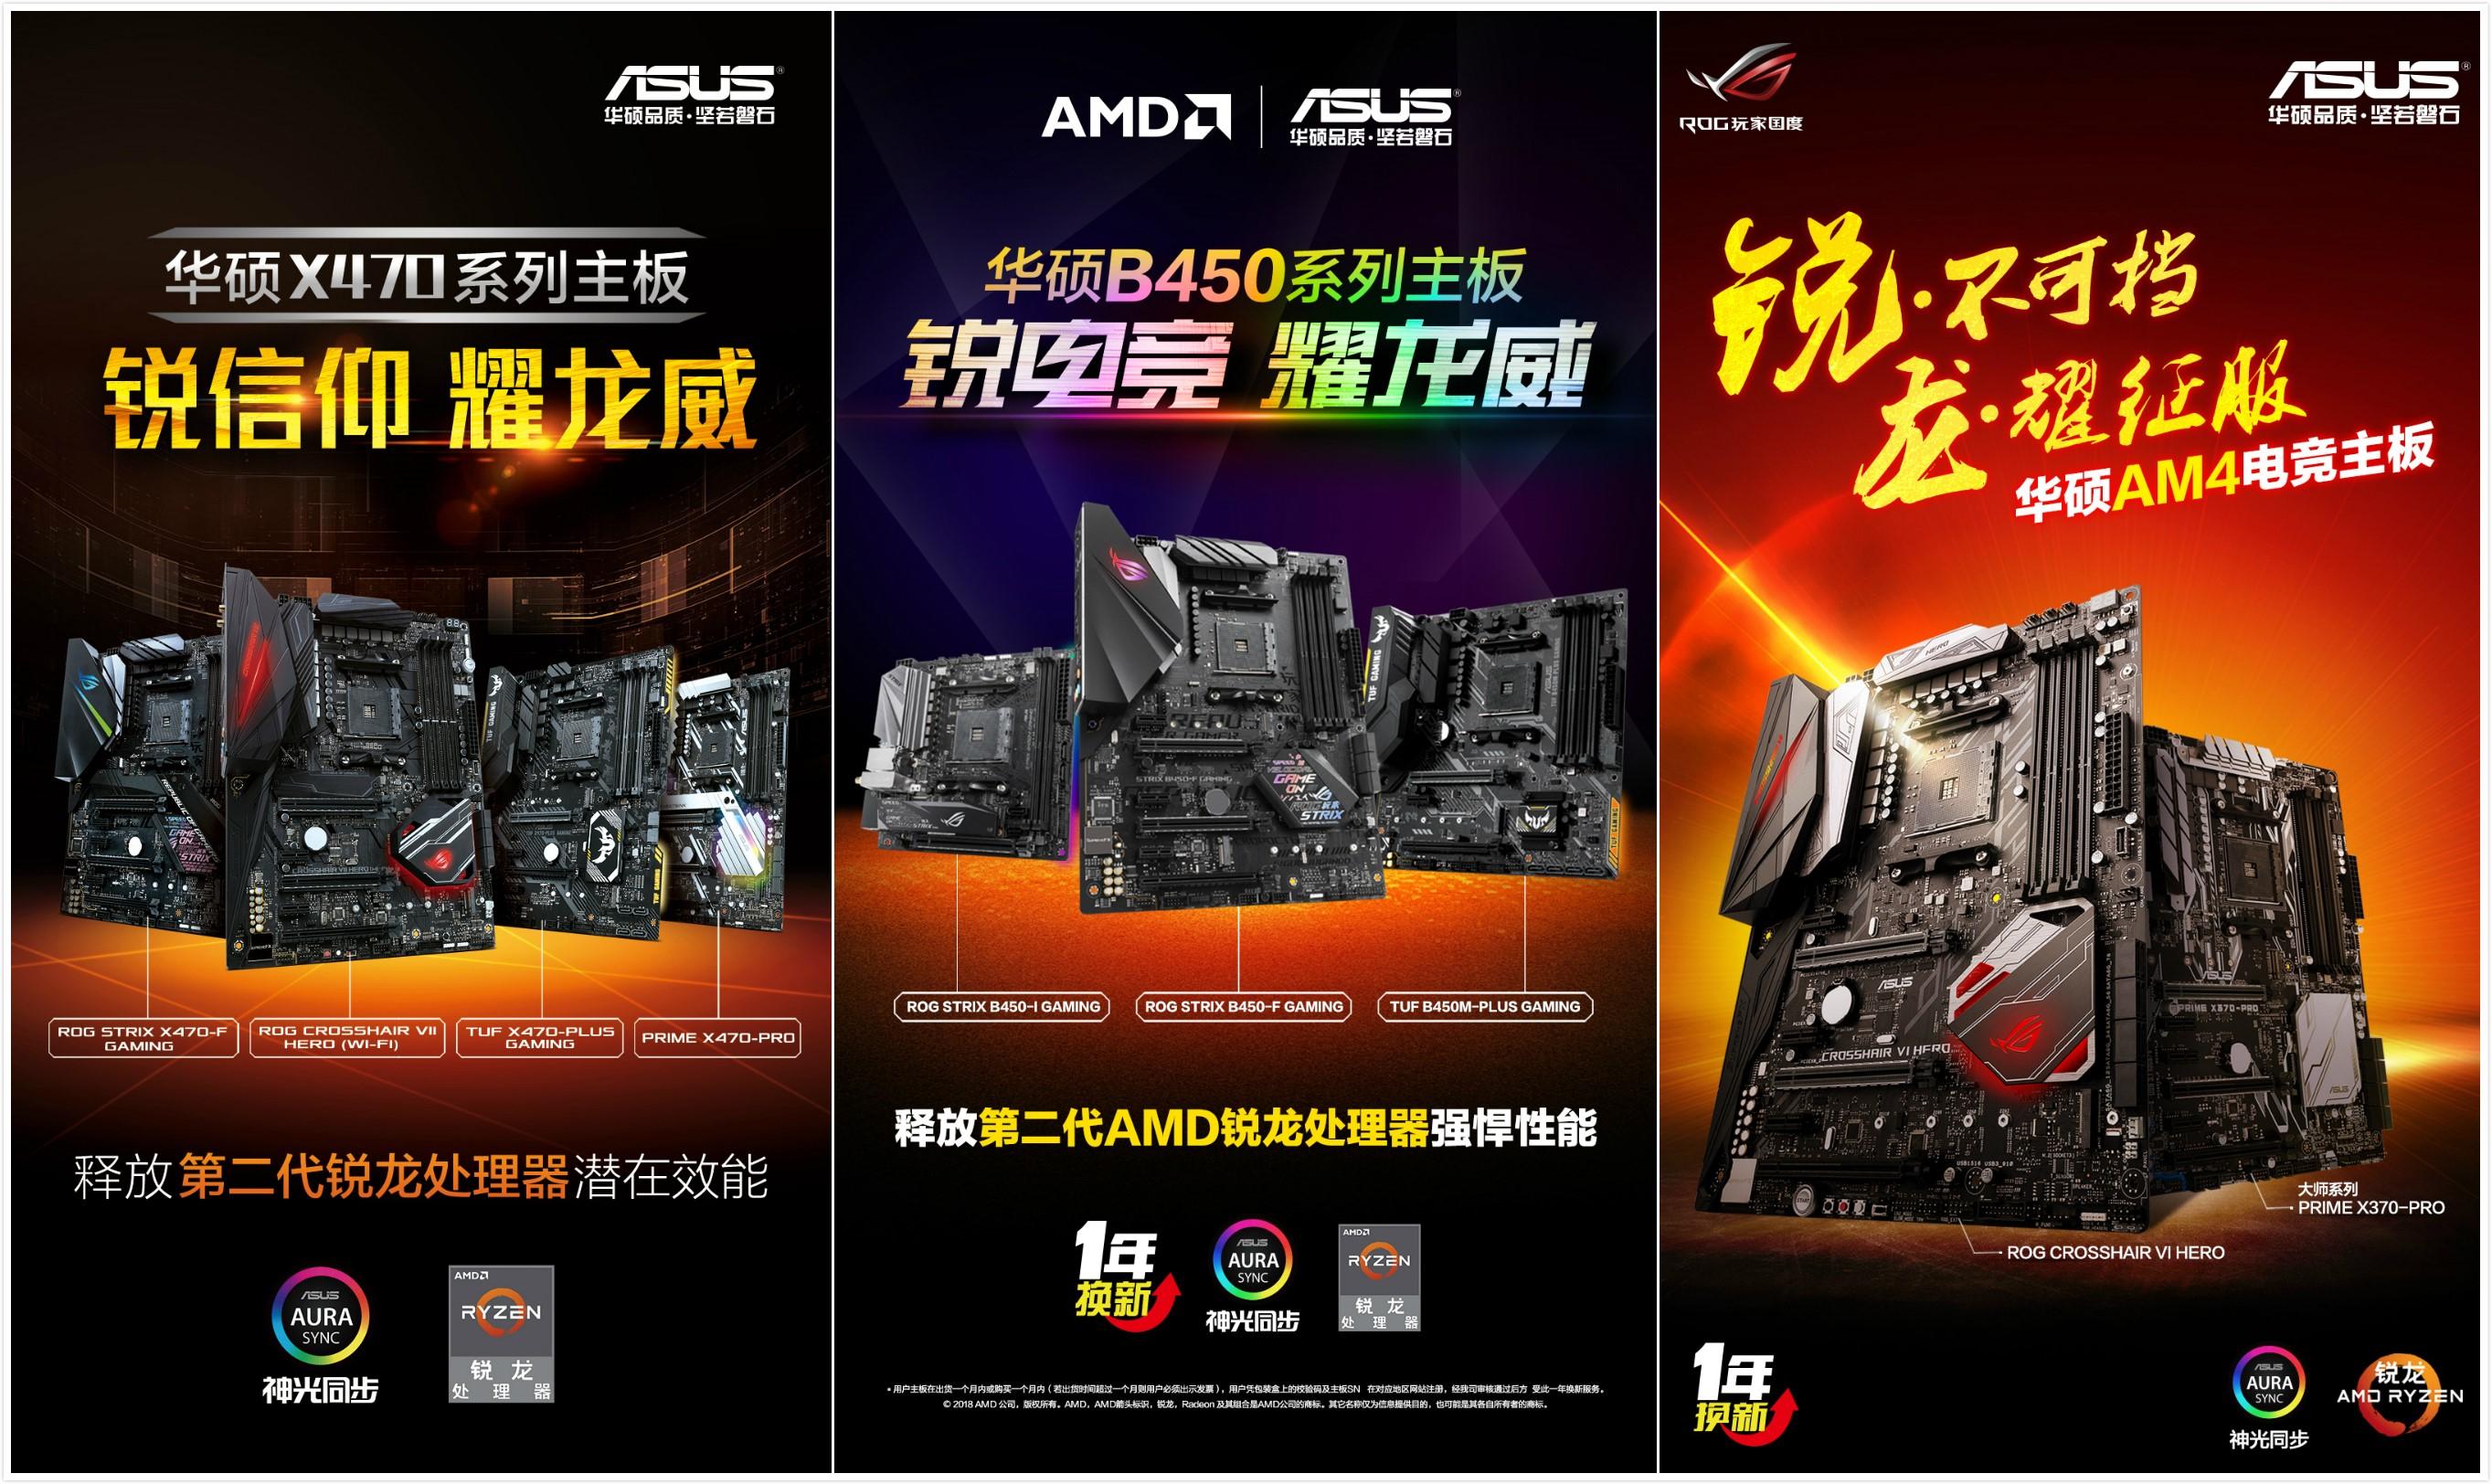 华硕300和400系AM4主板支持下一代AMD处理器